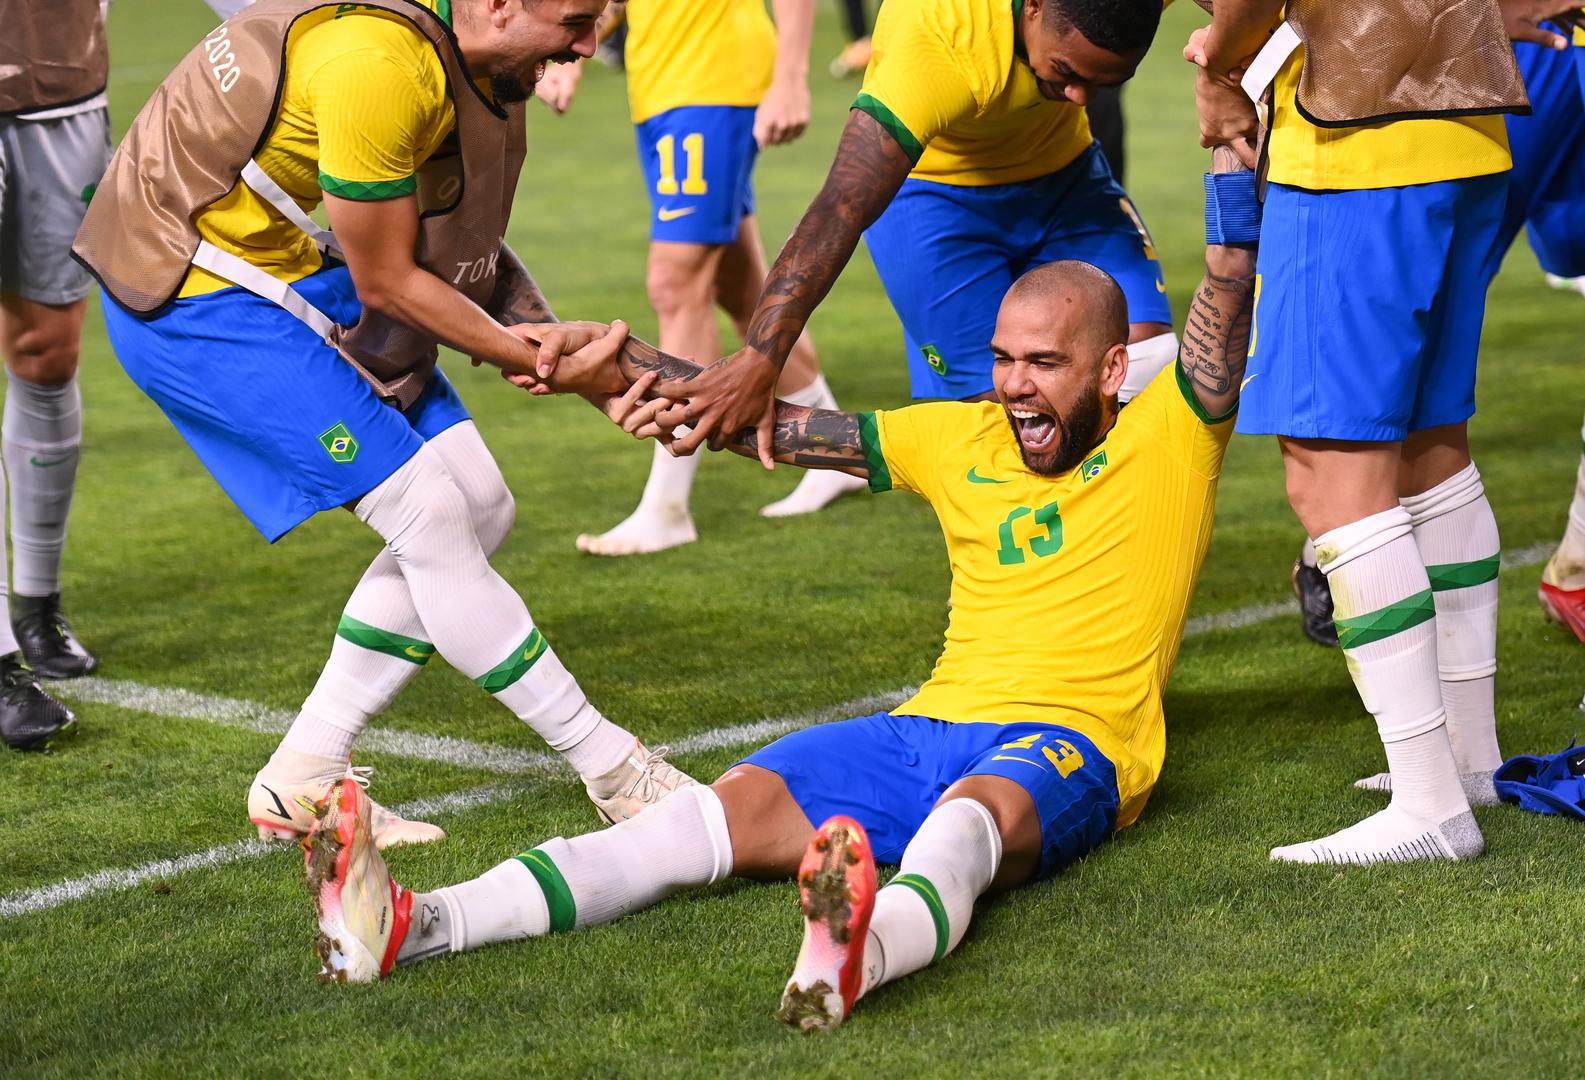 اللاعب الأكثر تتويجا بالألقاب في تاريخ كرة القدم يحسم قراره لعام 2021